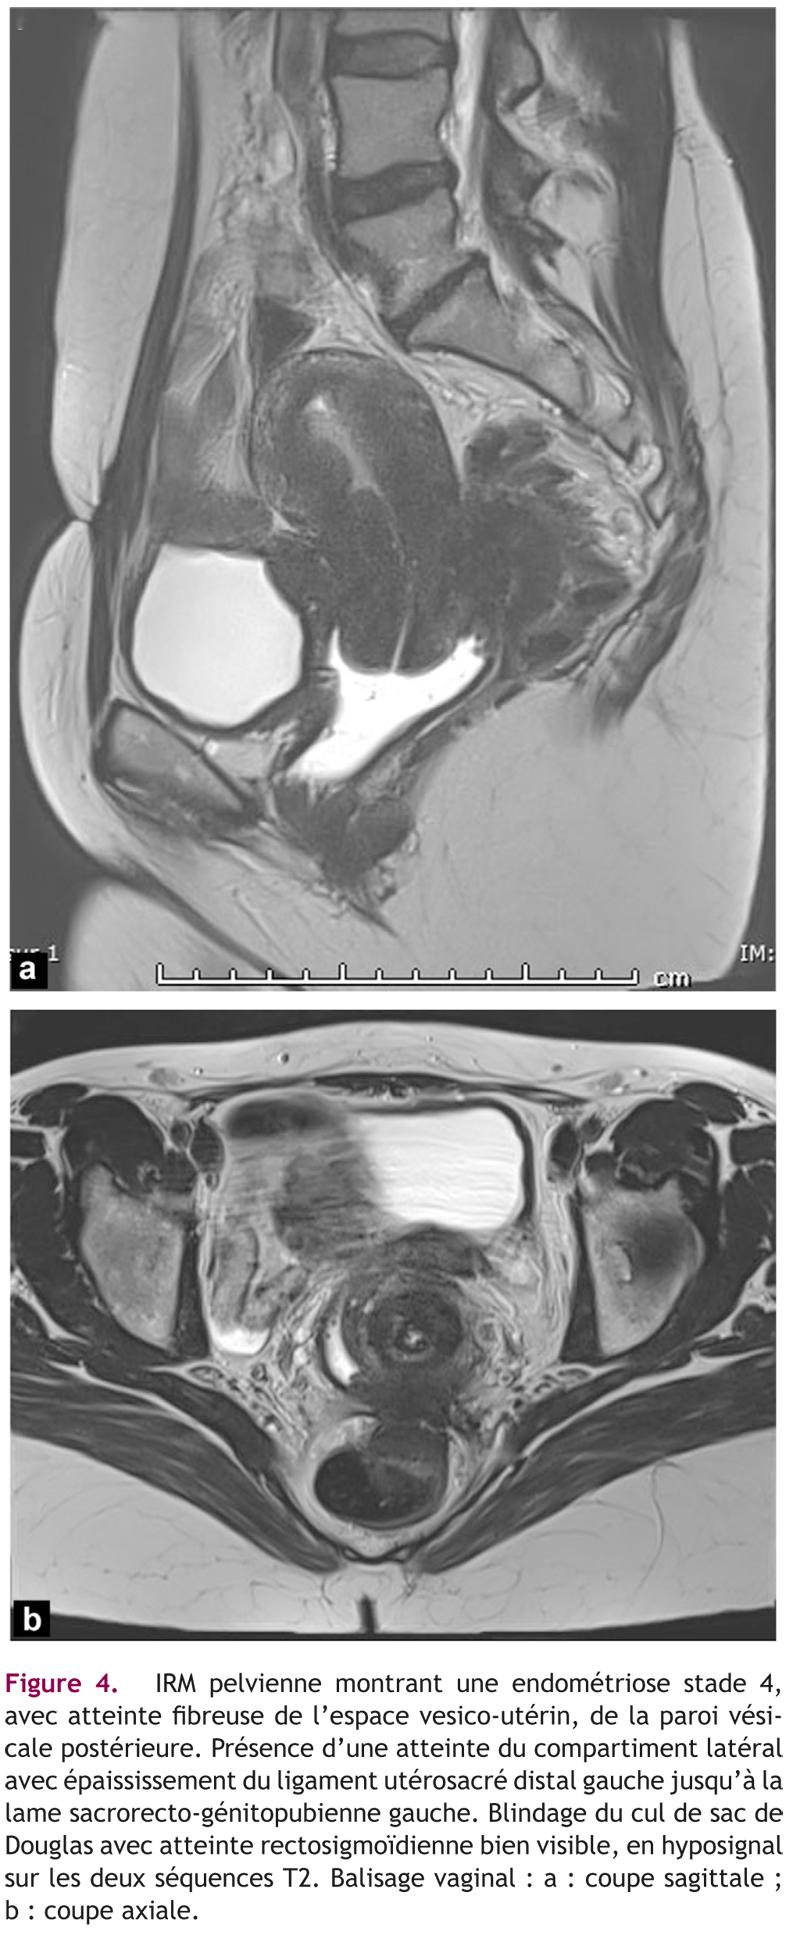 Figure 4. IRM pelvienne montrant une endométriose stade 4,avec atteinte fibreuse de l'espace vesico-utérin, de la paroi vési-cale postérieure. Présence d'une atteinte du compartiment latéralavec épaississement du ligament utérosacré distal gauche jusqu'à lalame sacrorecto-génitopubienne gauche. Blindage du cul de sac deDouglas avec atteinte rectosigmoïdienne bien visible, en hyposignalsur les deux séquences T2. Balisage vaginal : a : coupe sagittale ;b : coupe axiale.